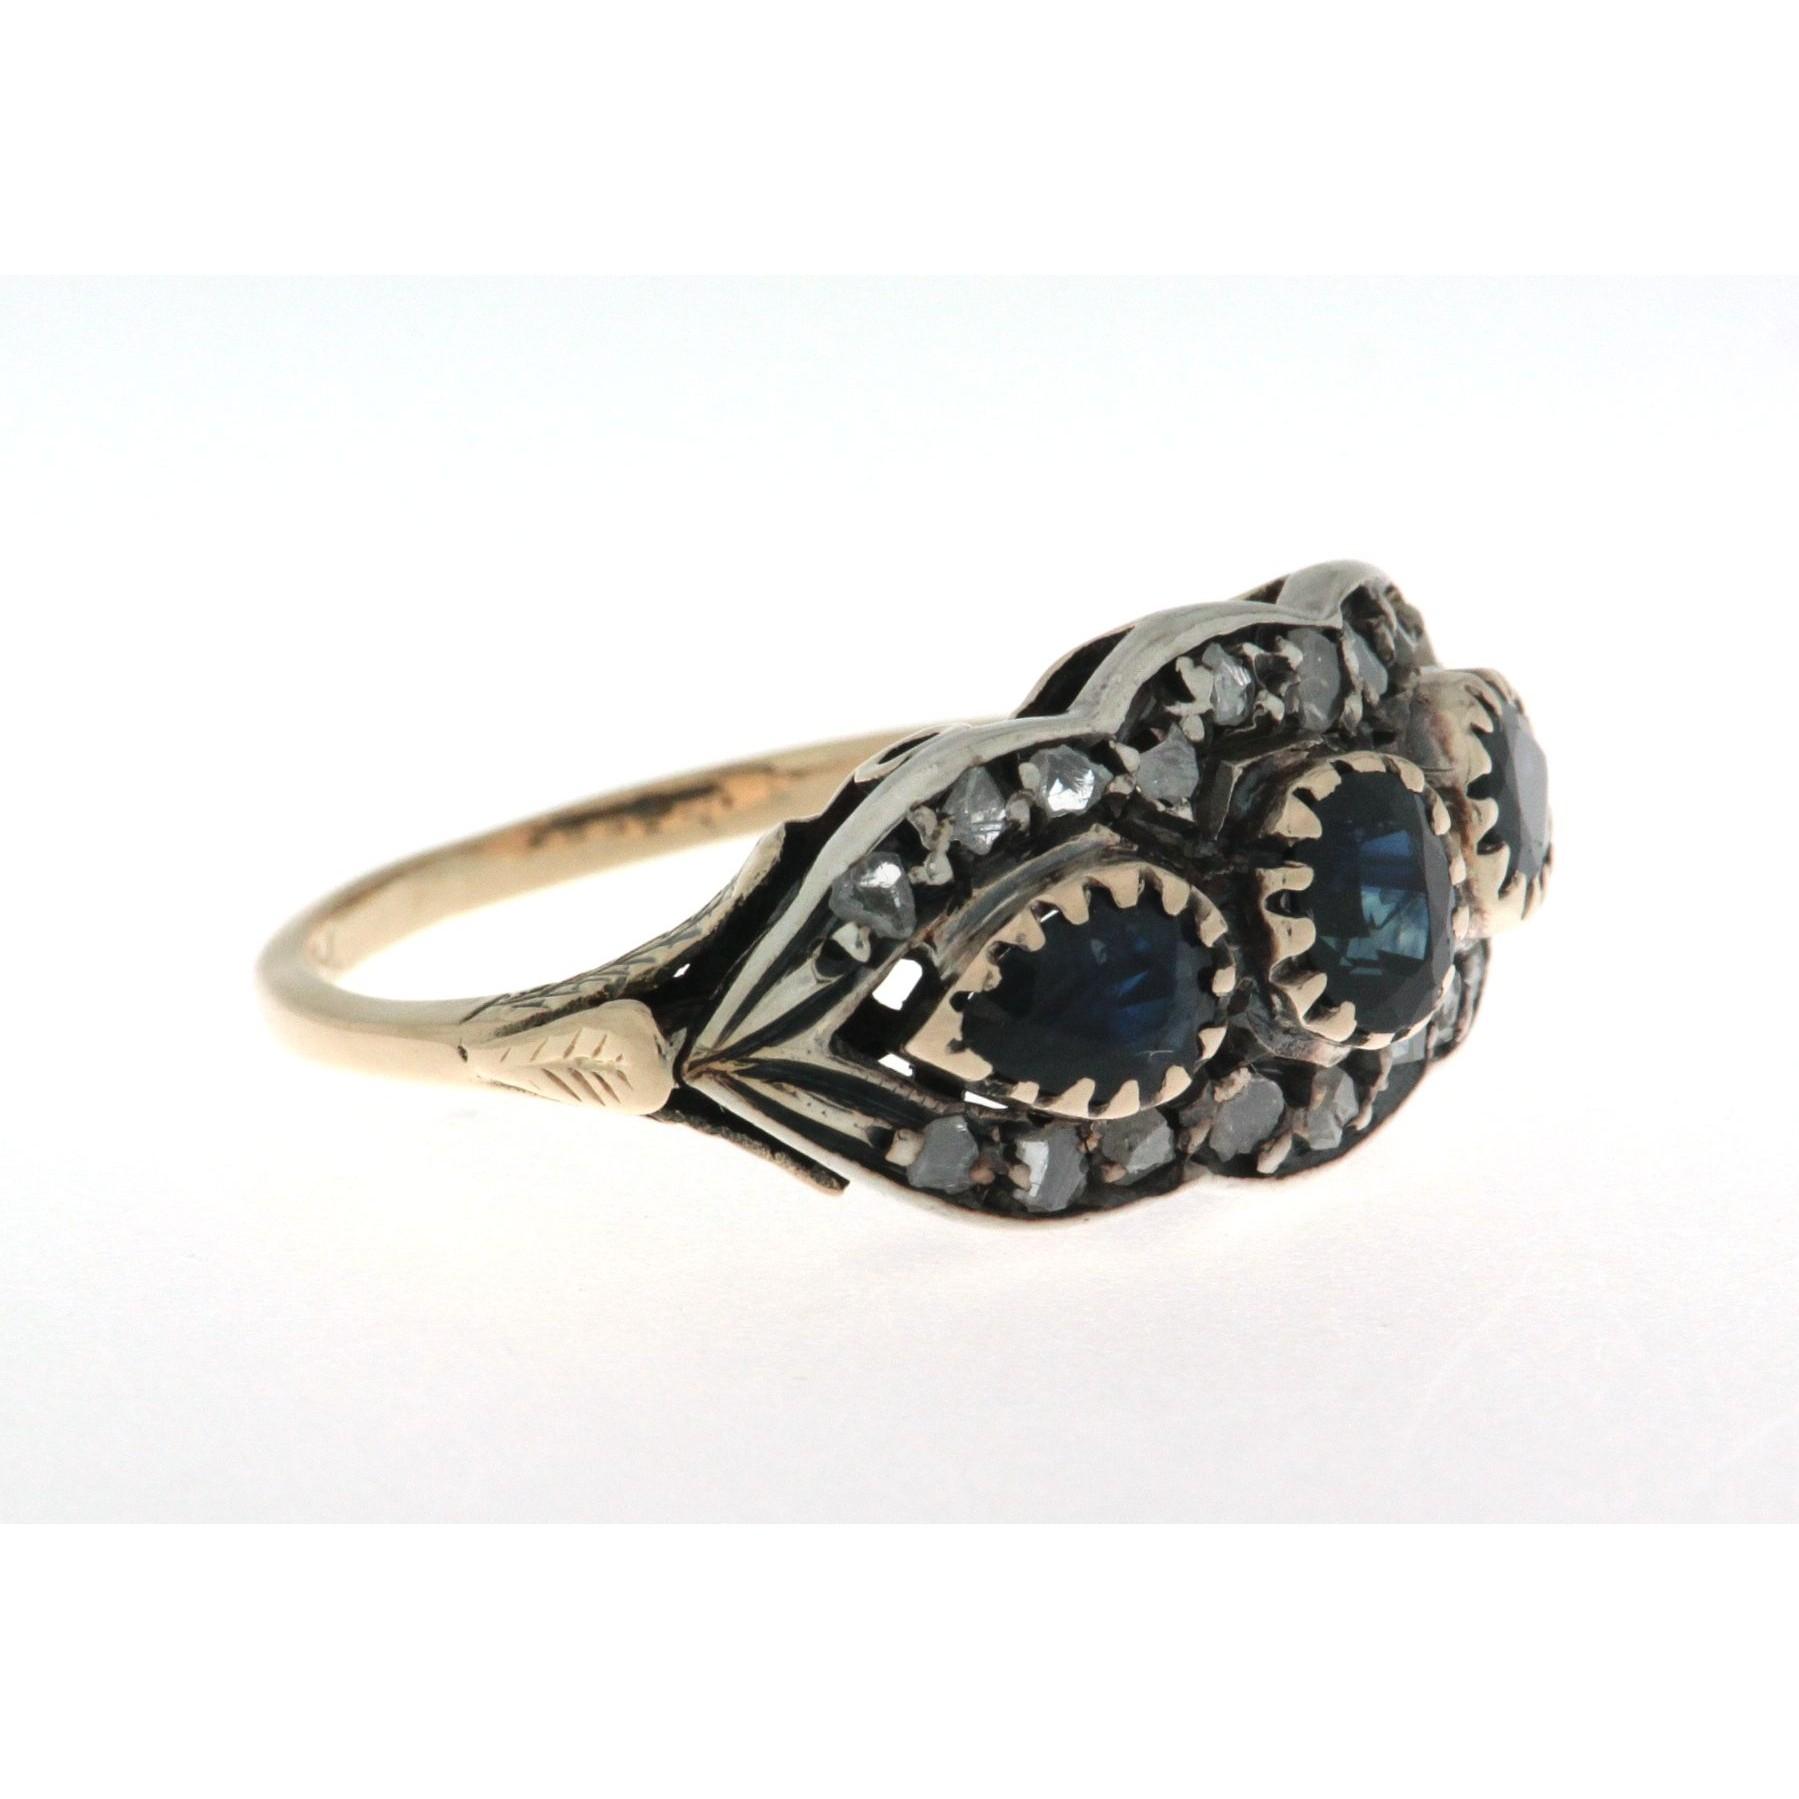 nuovo di zecca eddf0 4bc6c Anello in oro 18 kt e argento, in stile antico, con zaffiri e diamanti